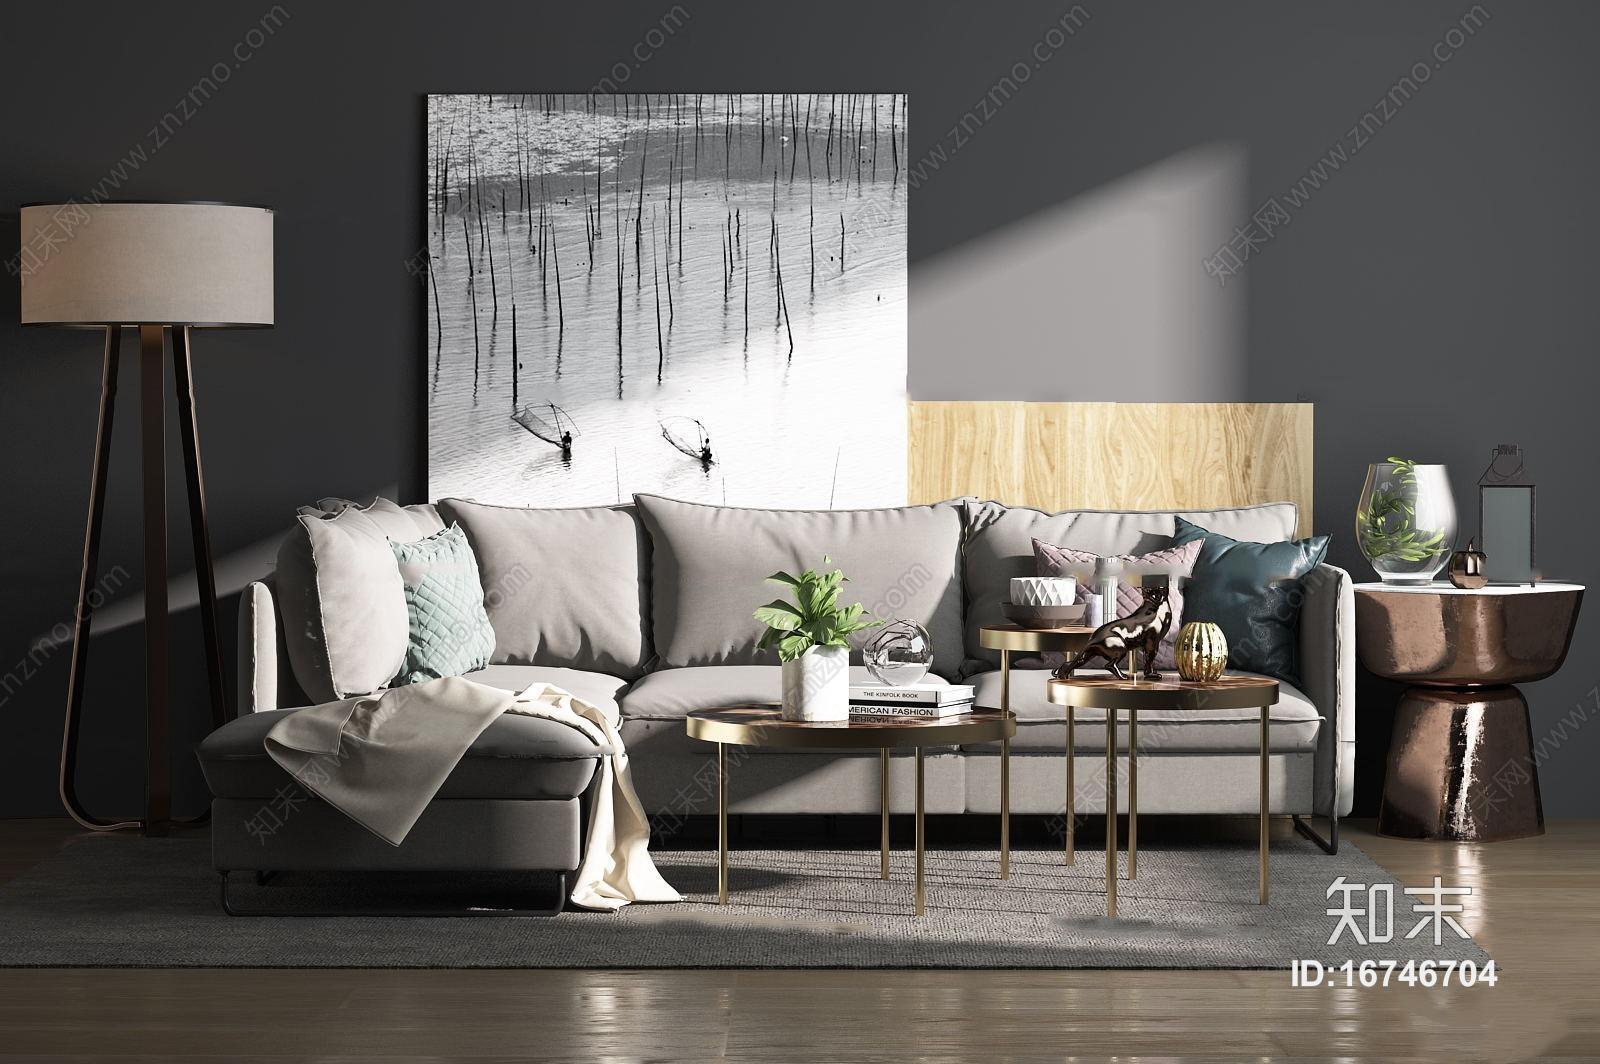 现代布艺转角多人沙发茶几落地灯组合3D模型